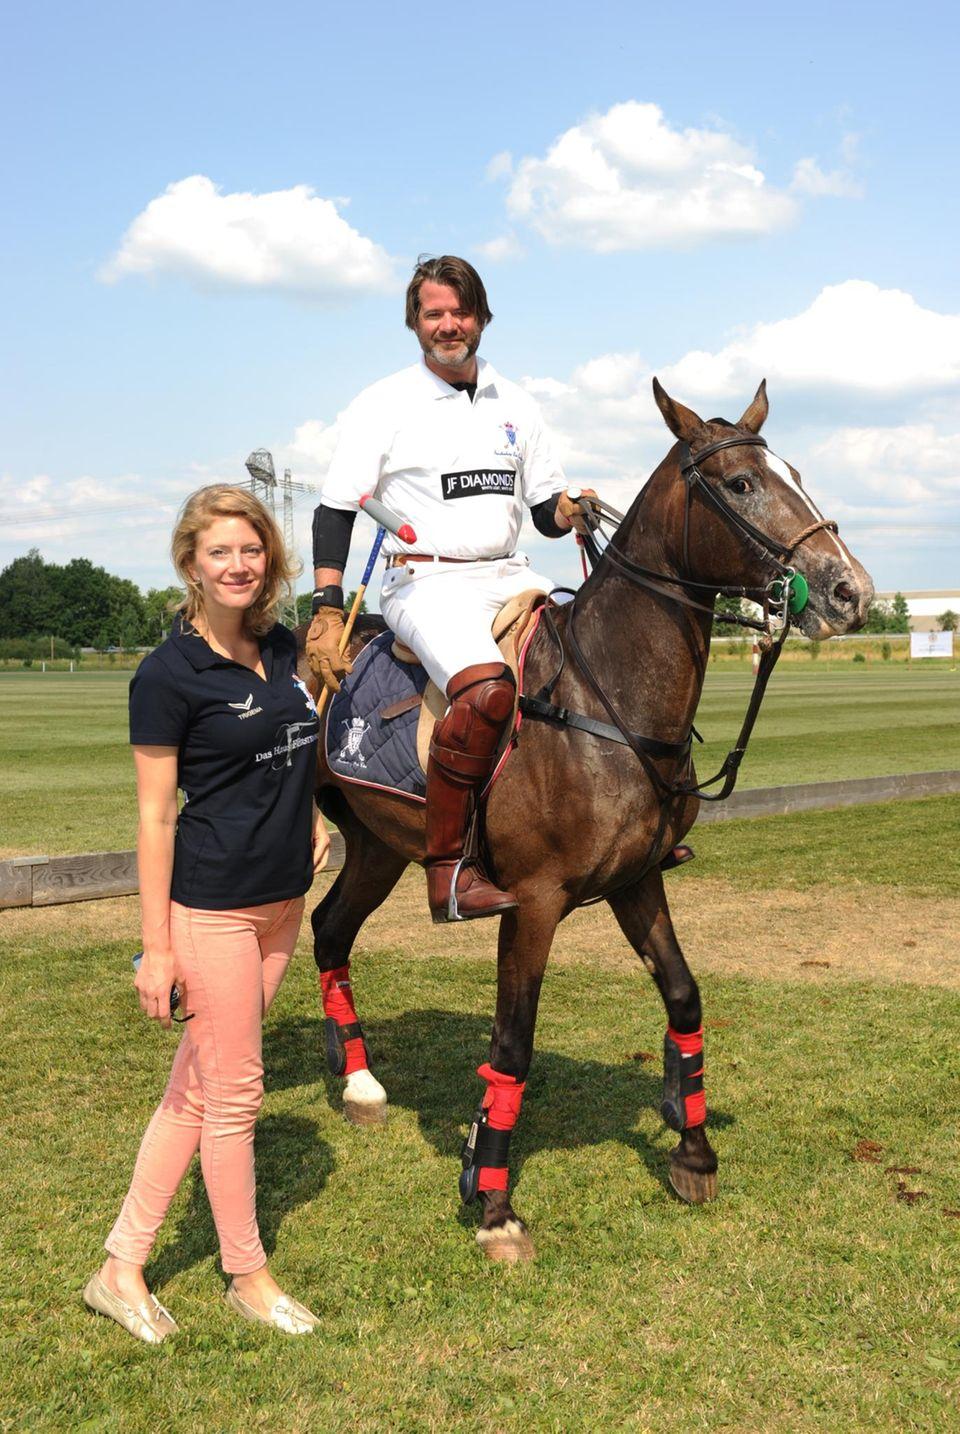 """Die begeisterten Polo-Spieler Jeannette Prinzessin und Christian Prinz zu Fürstenberg - Polo wird auch """"der Sport der Könige"""" genannt. Zu den bekanntesten Spielern gehören Prinz Charles und seine Söhne."""